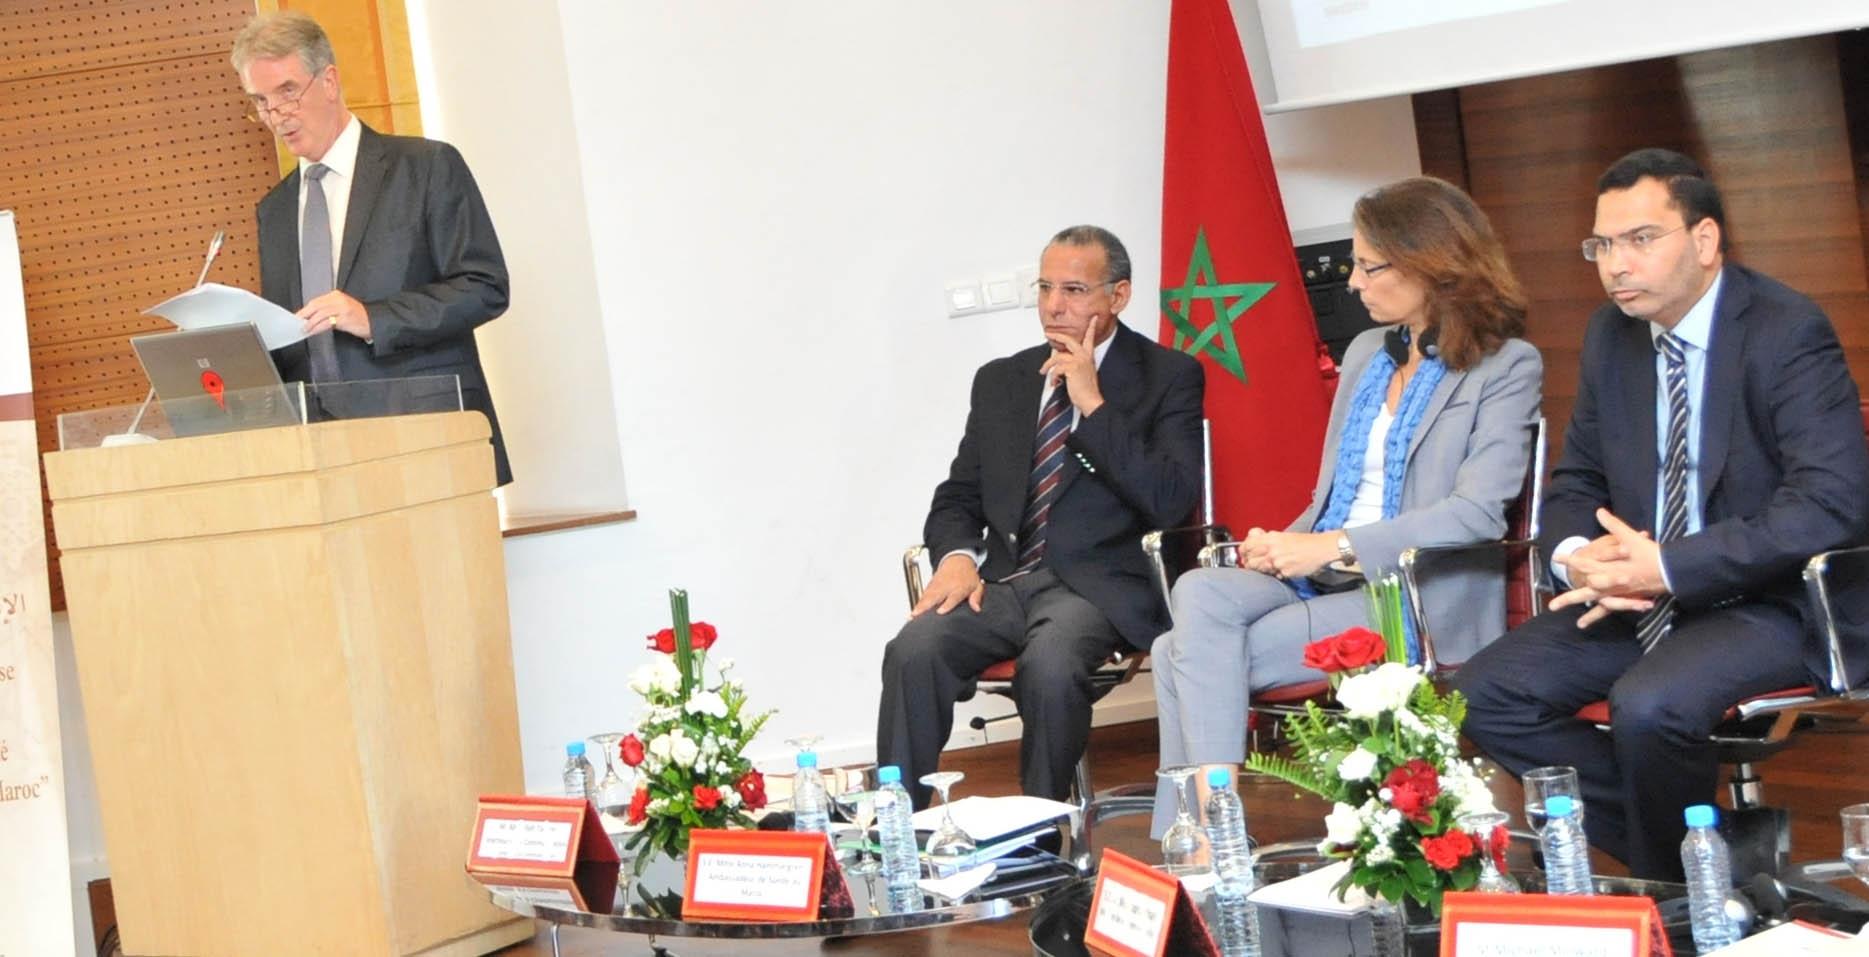 المغرب ينتزع اعتراف اليونسكو بجهوده في النهوض بحرية الصحافة